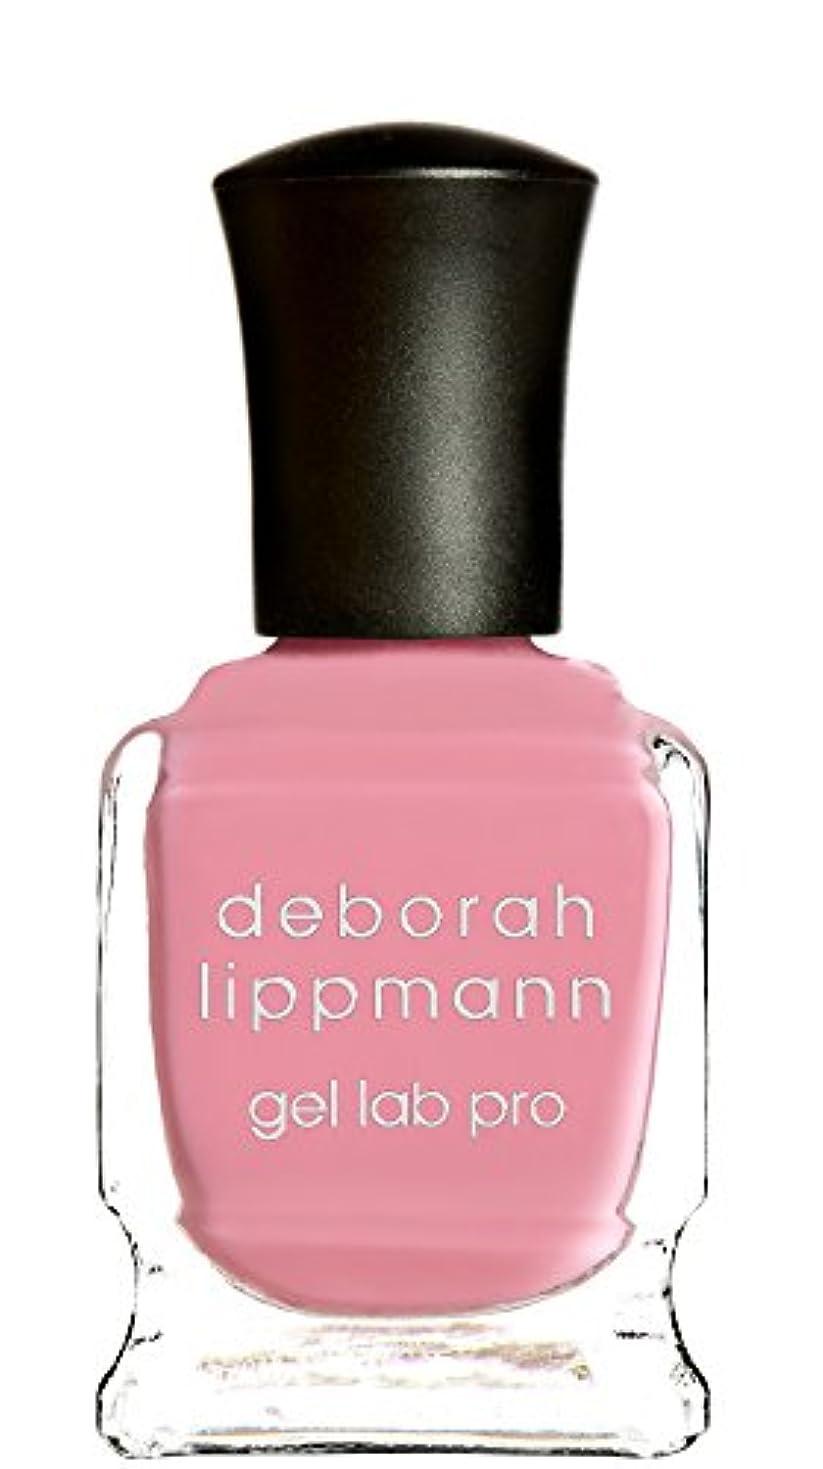 遺棄された一部関連付ける[Deborah Lippmann] デボラリップマン ポリッシュ ピンク系 15mL (ビューティースクール ドロップアウト)